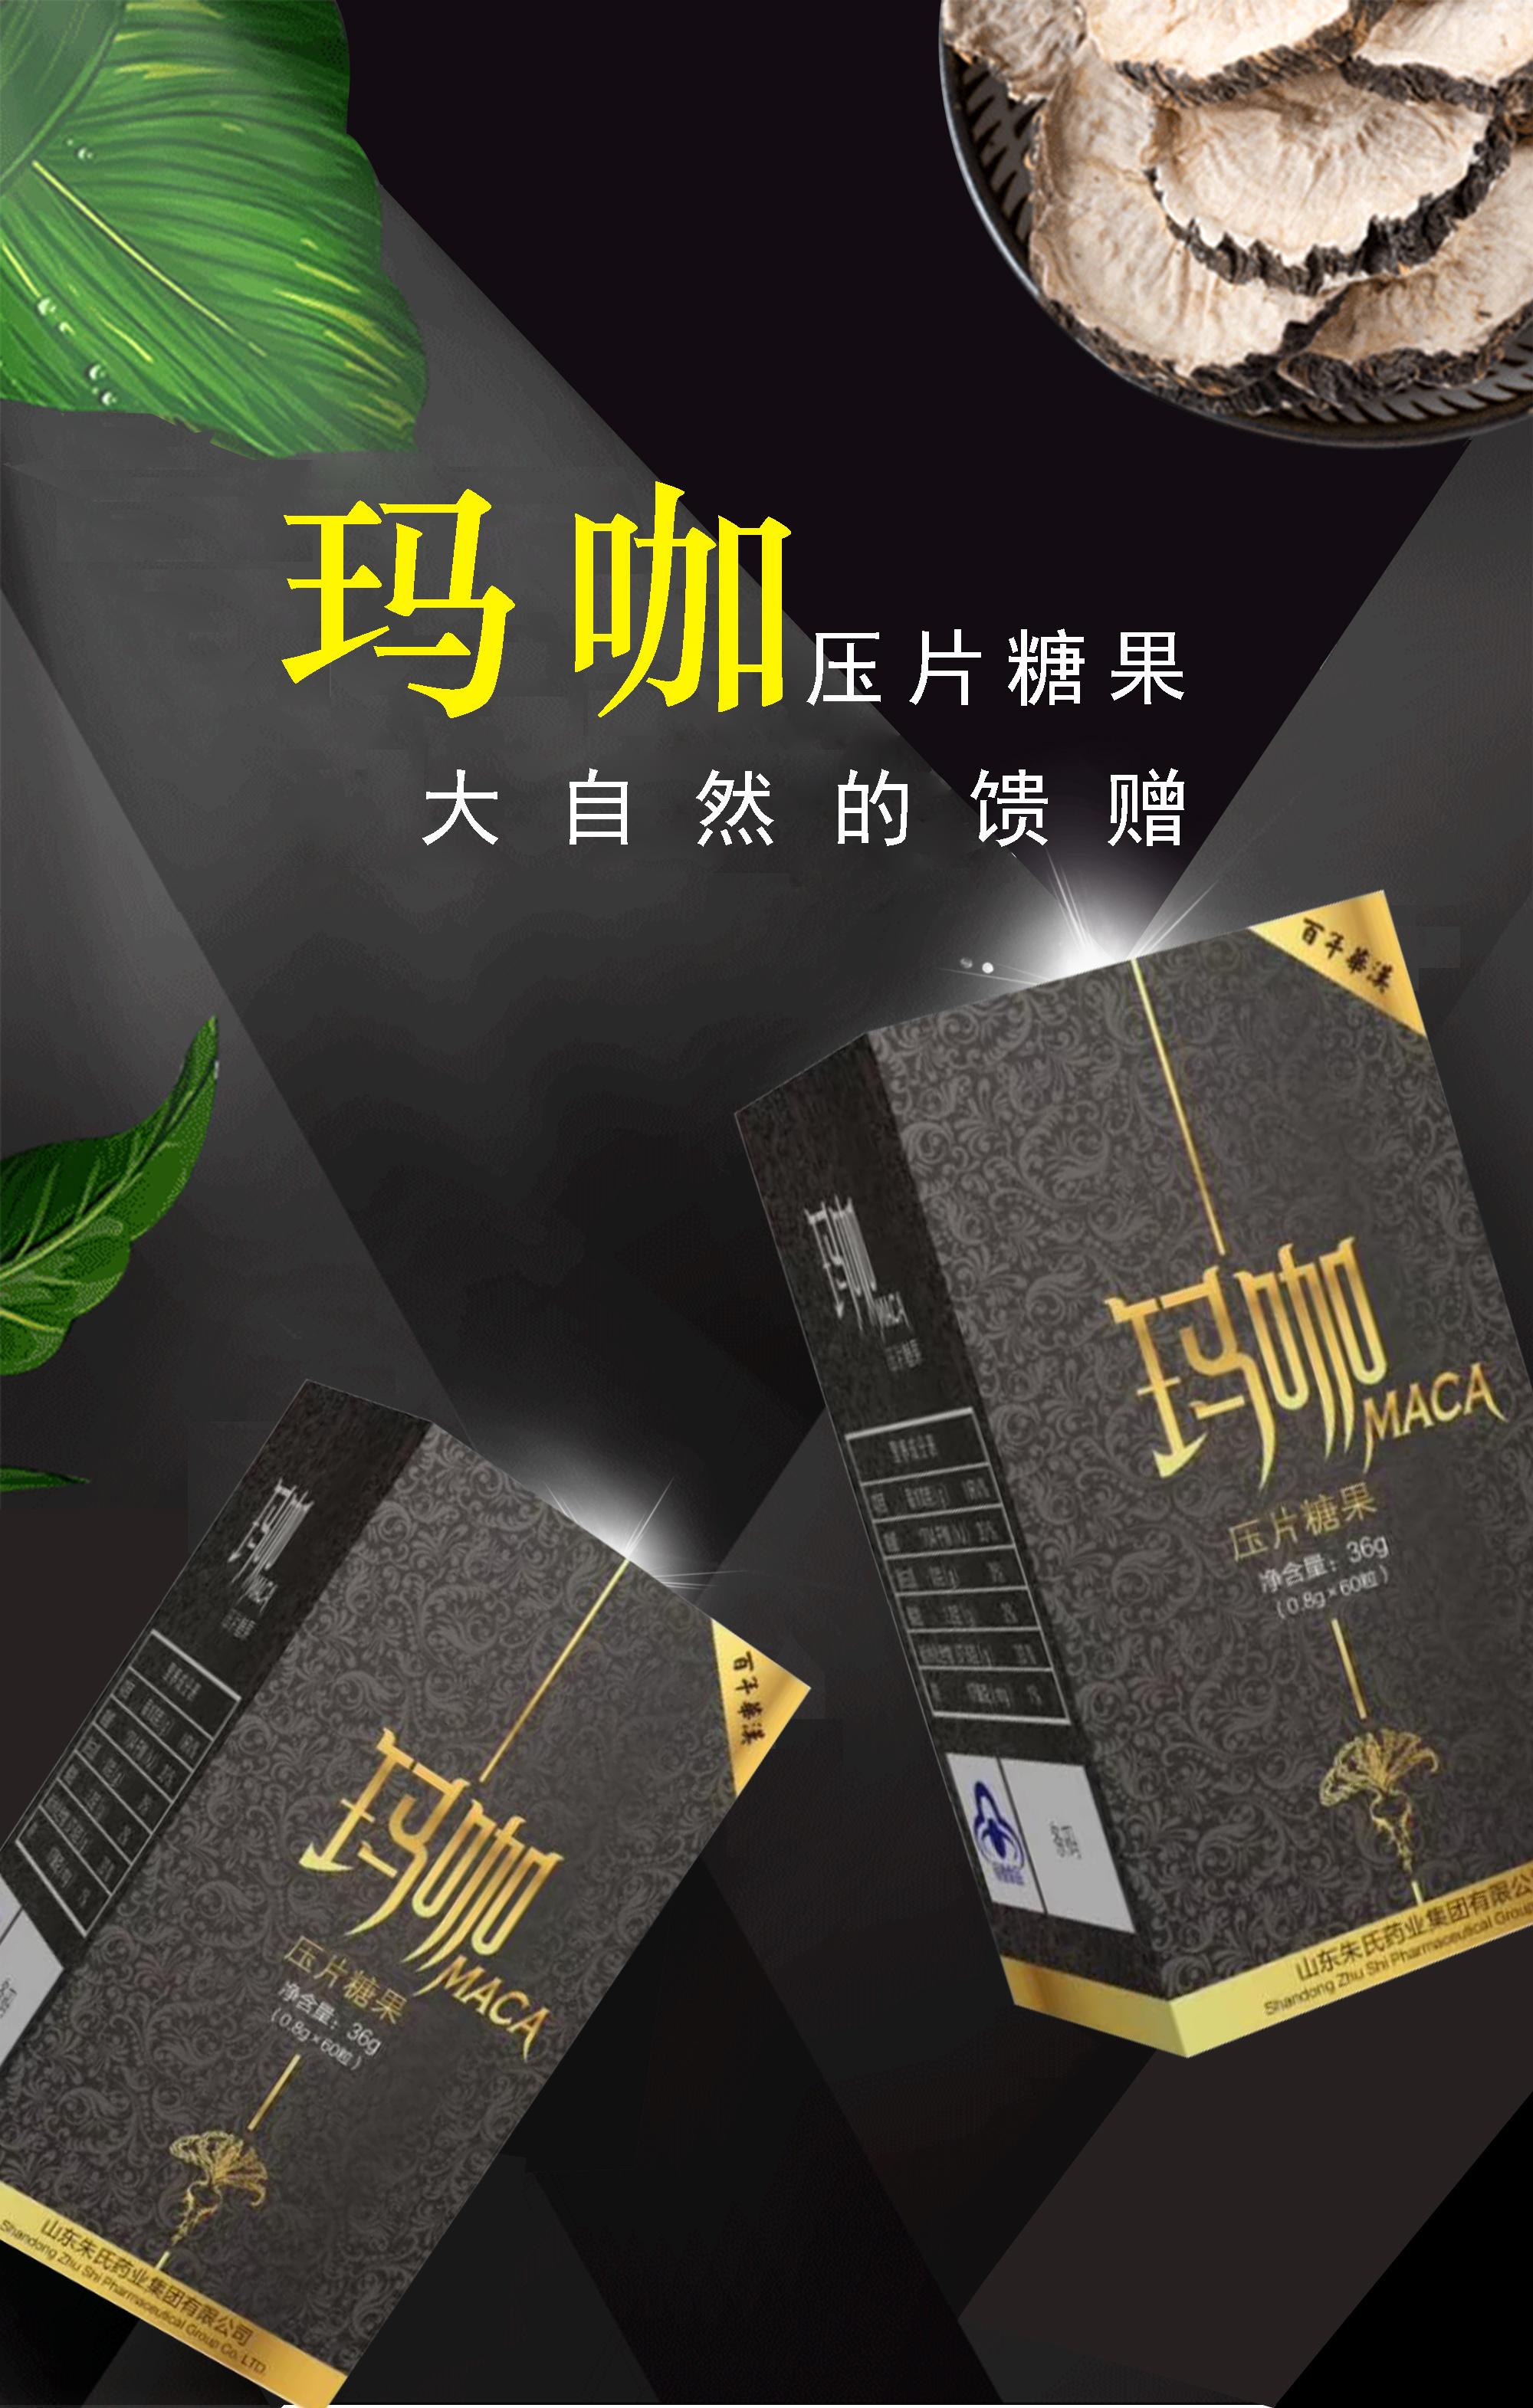 提供玛咖片价格_进口-山东皇圣堂药业有限公司